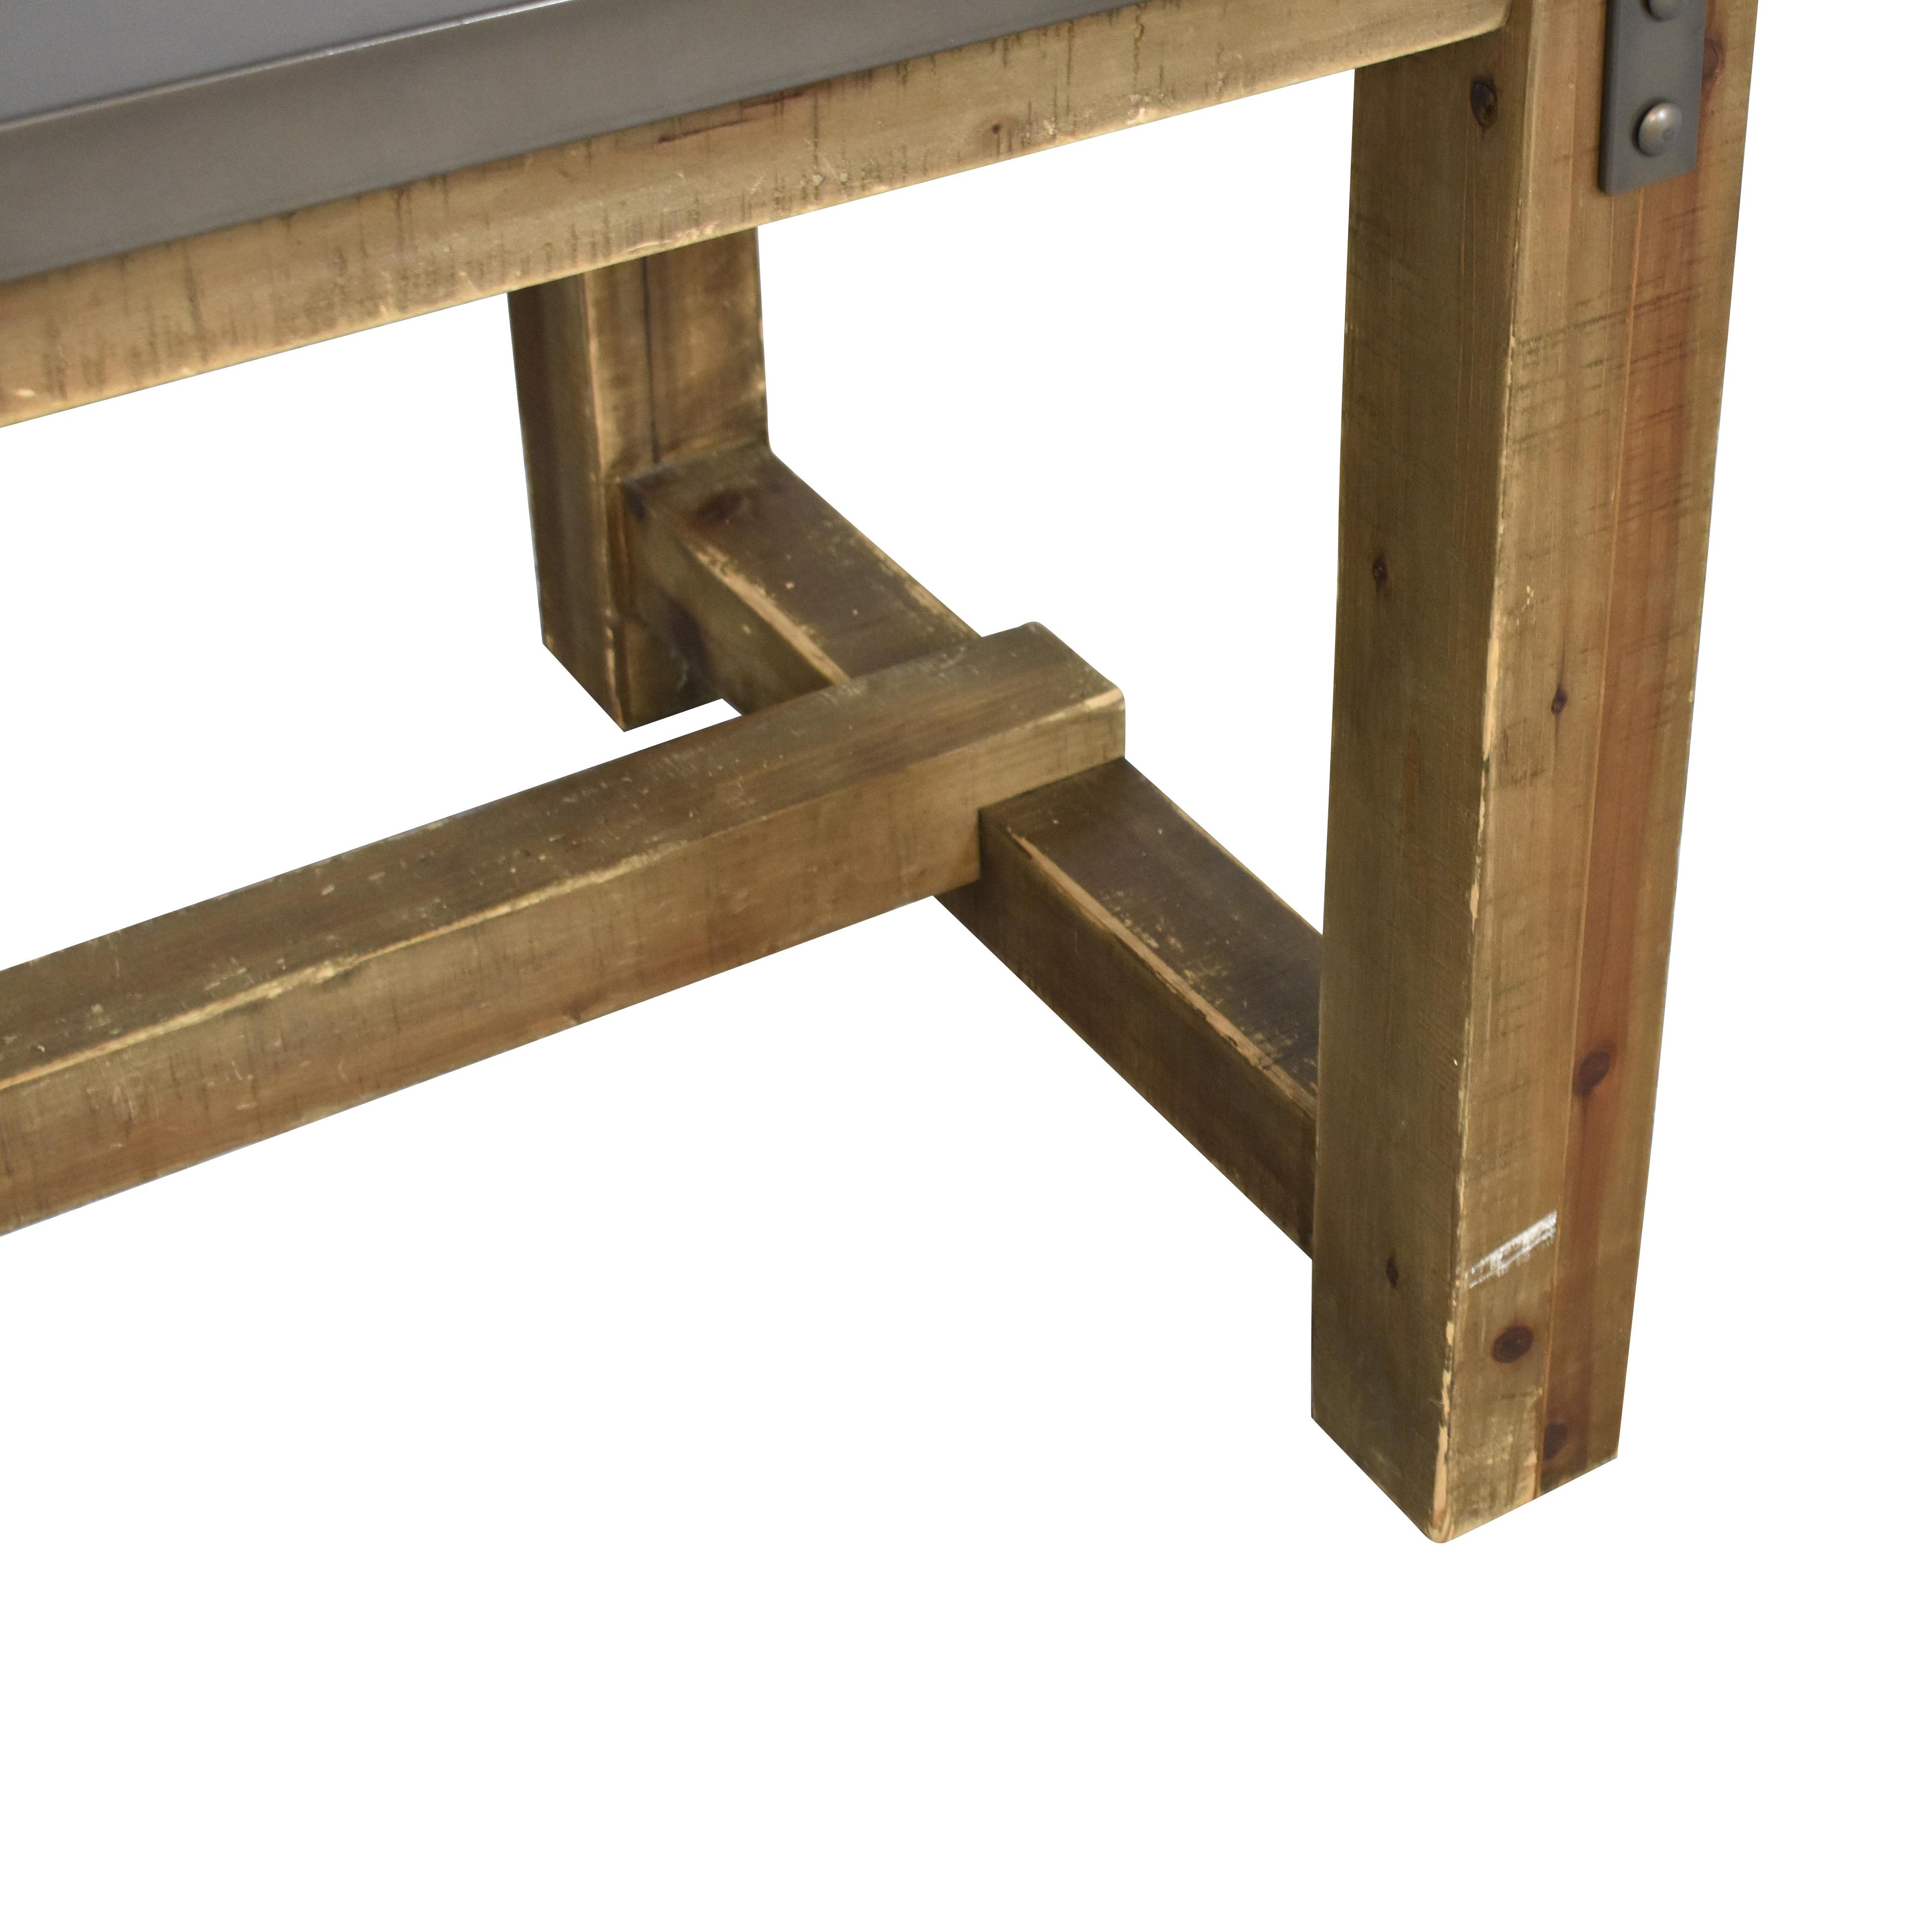 Restoration Hardware Restoration Hardware Reclaimed Wood & Zinc-Top Rectangular Dining Table brown & grey